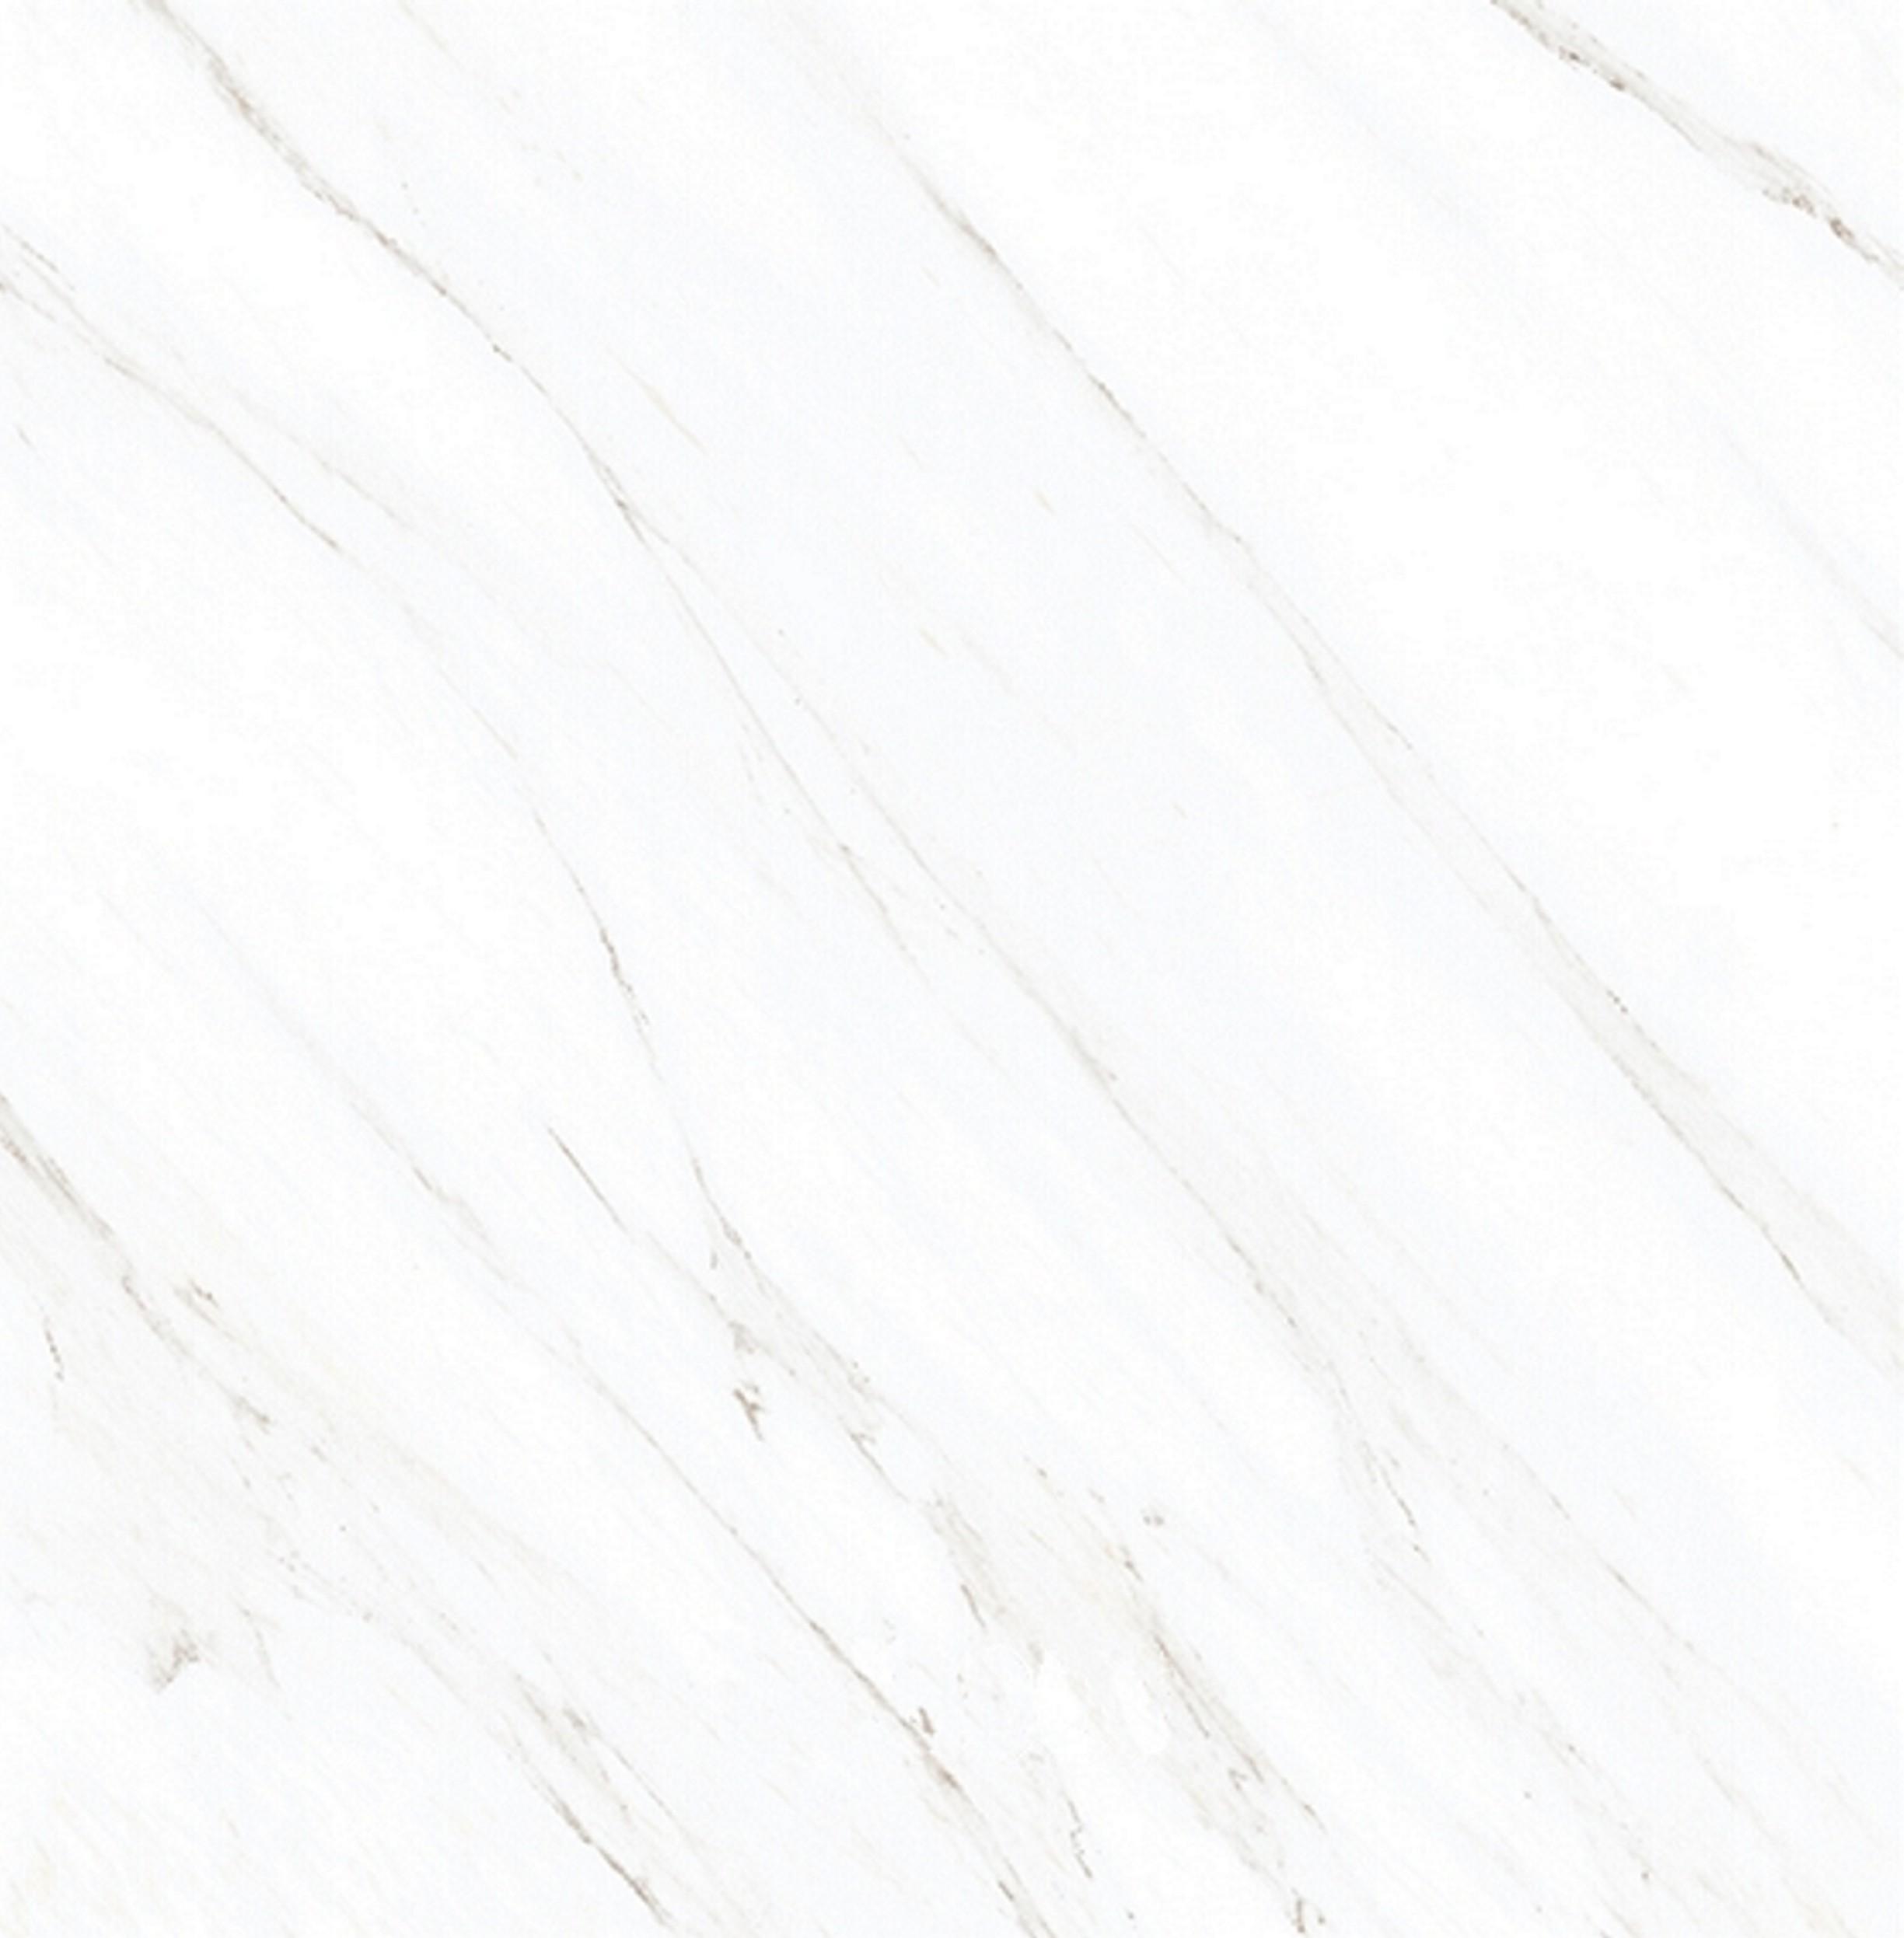 Verona Diamond Stone Calacatta Micro Crystal